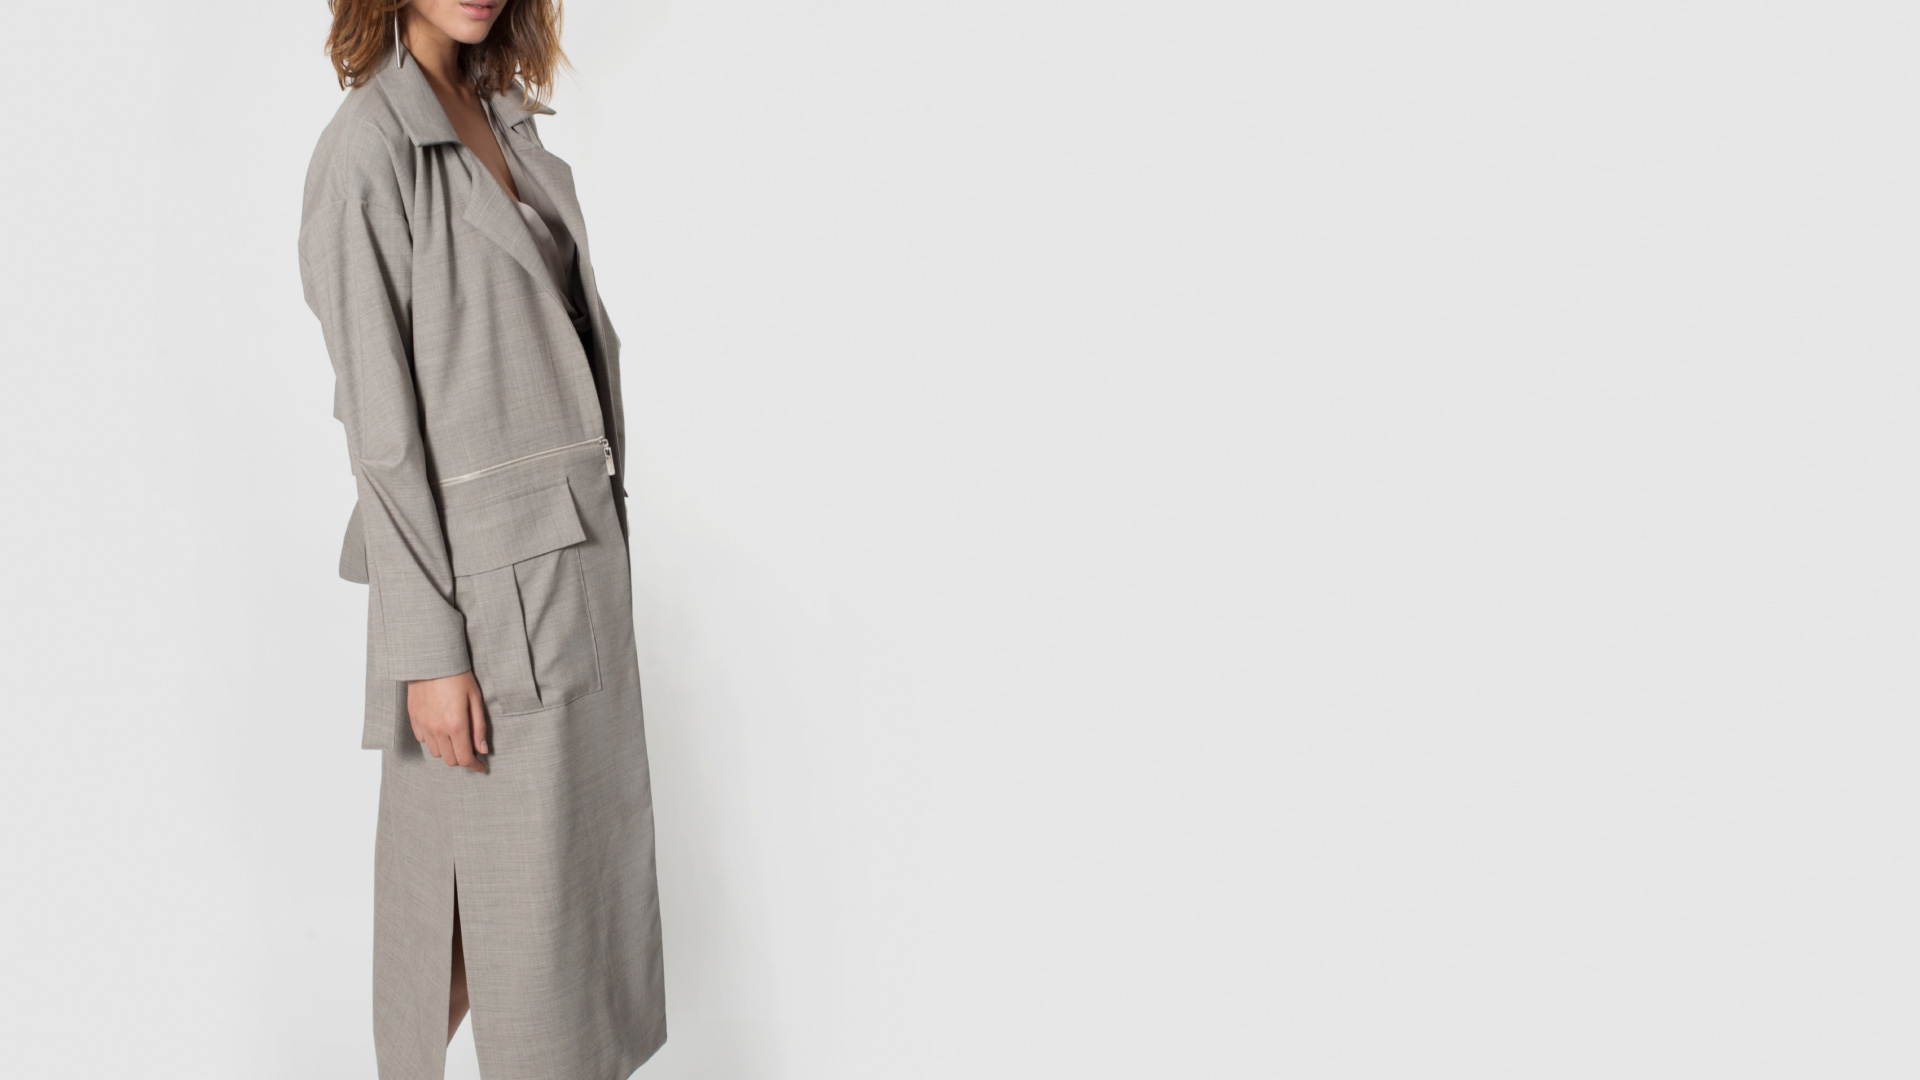 płaszcz beżowy z kieszeniami